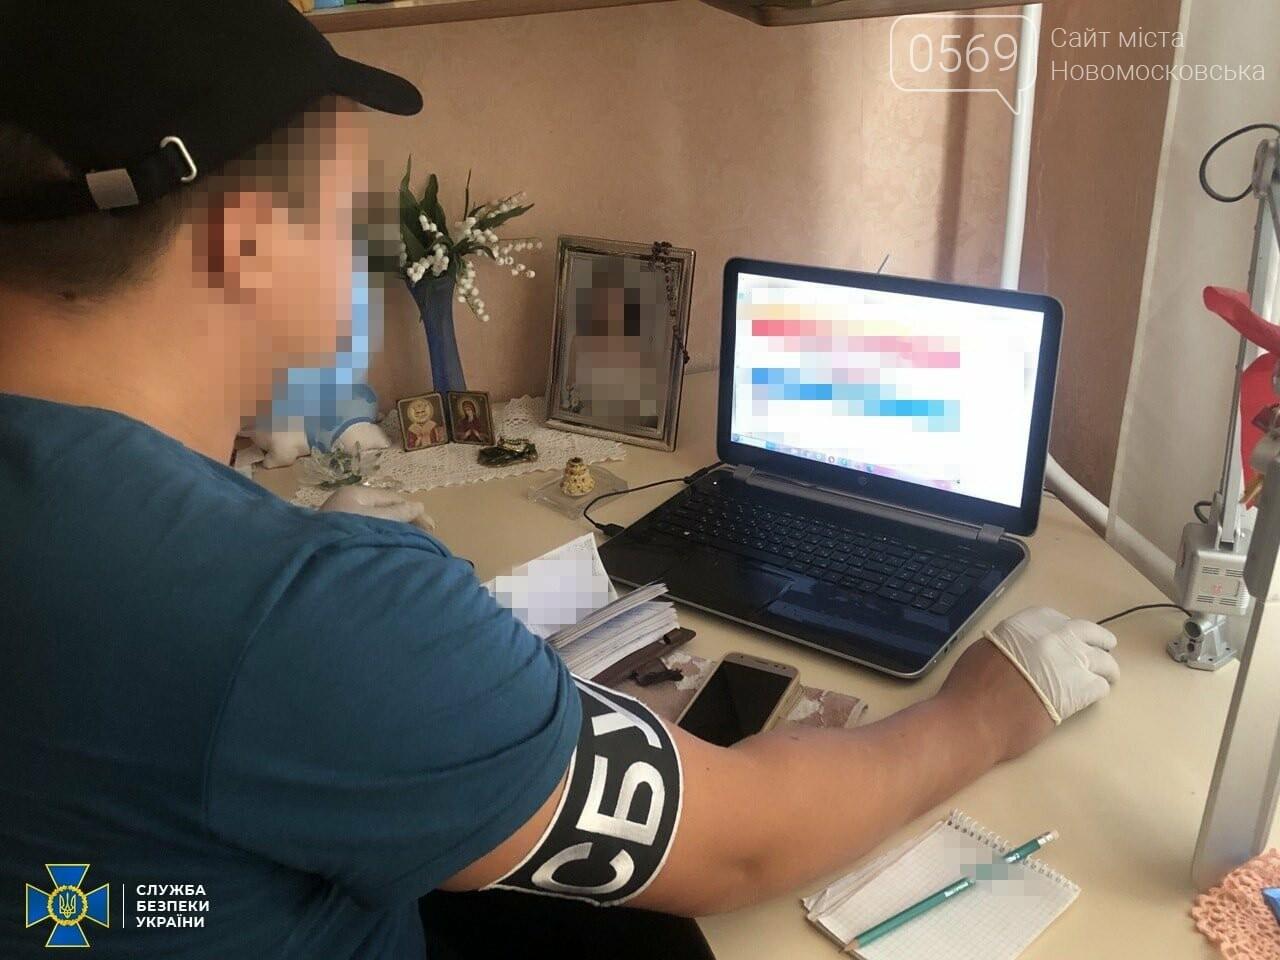 На Дніпропетровщині СБУ викрила «тролеферму» проросійських провокаторів , фото-1